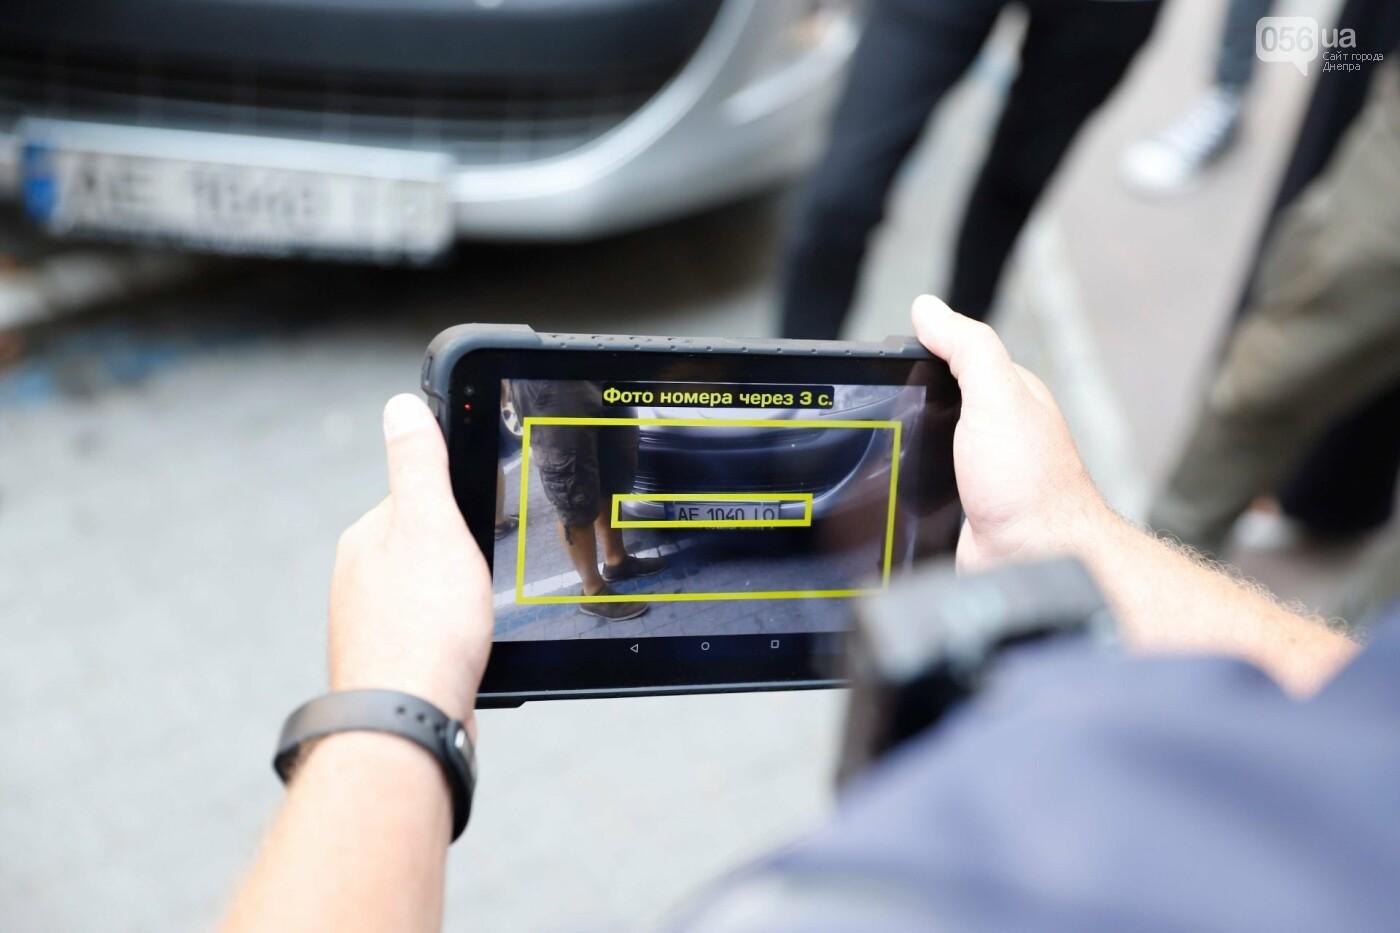 Штрафы и поддельные удостоверения: как проходит работа инспекторов по парковке в Днепре, - ФОТО, фото-2